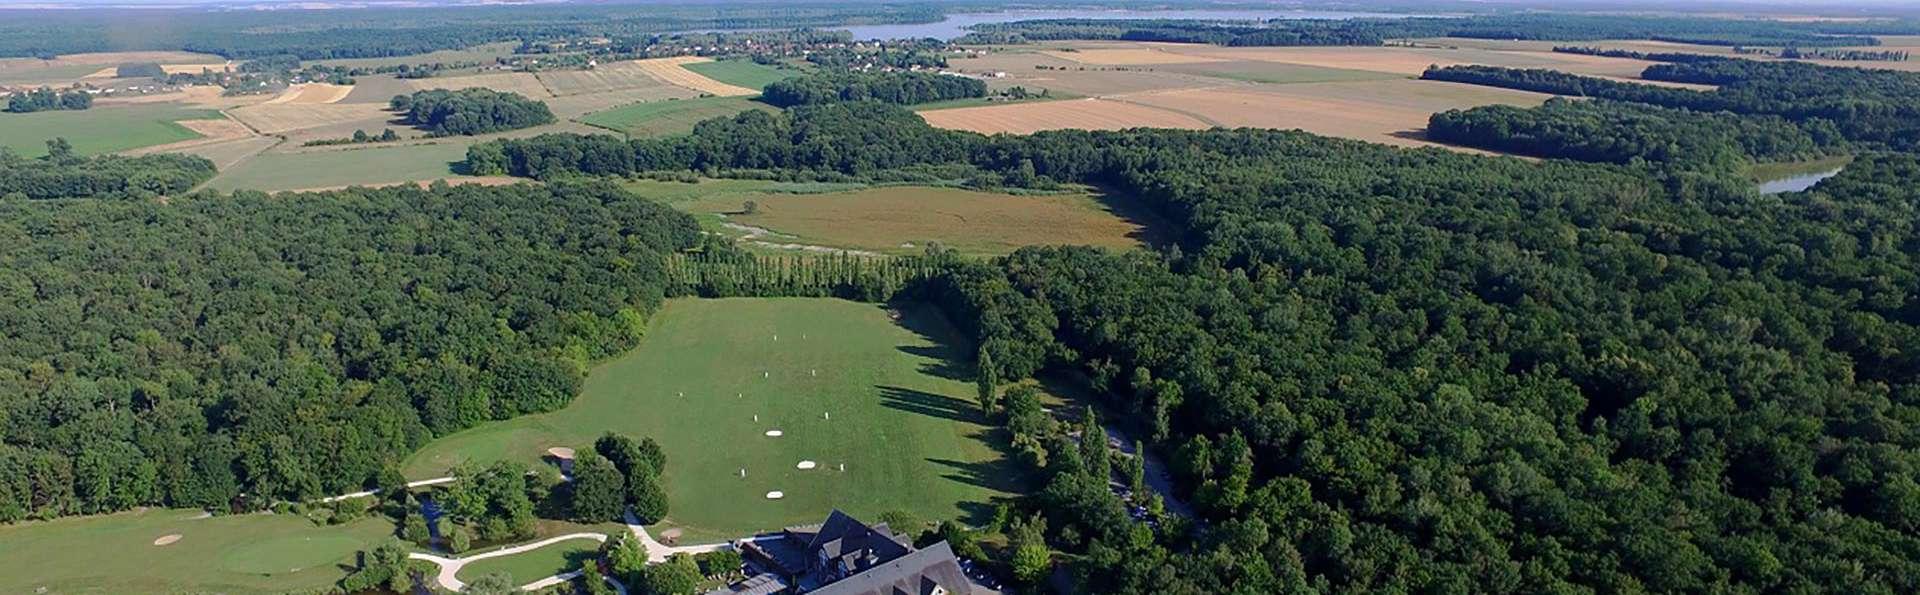 Domaine de la Foret d'Orient - Natur'Hotel Golf & Spa - EDIT_N3_FRINT_01.jpg